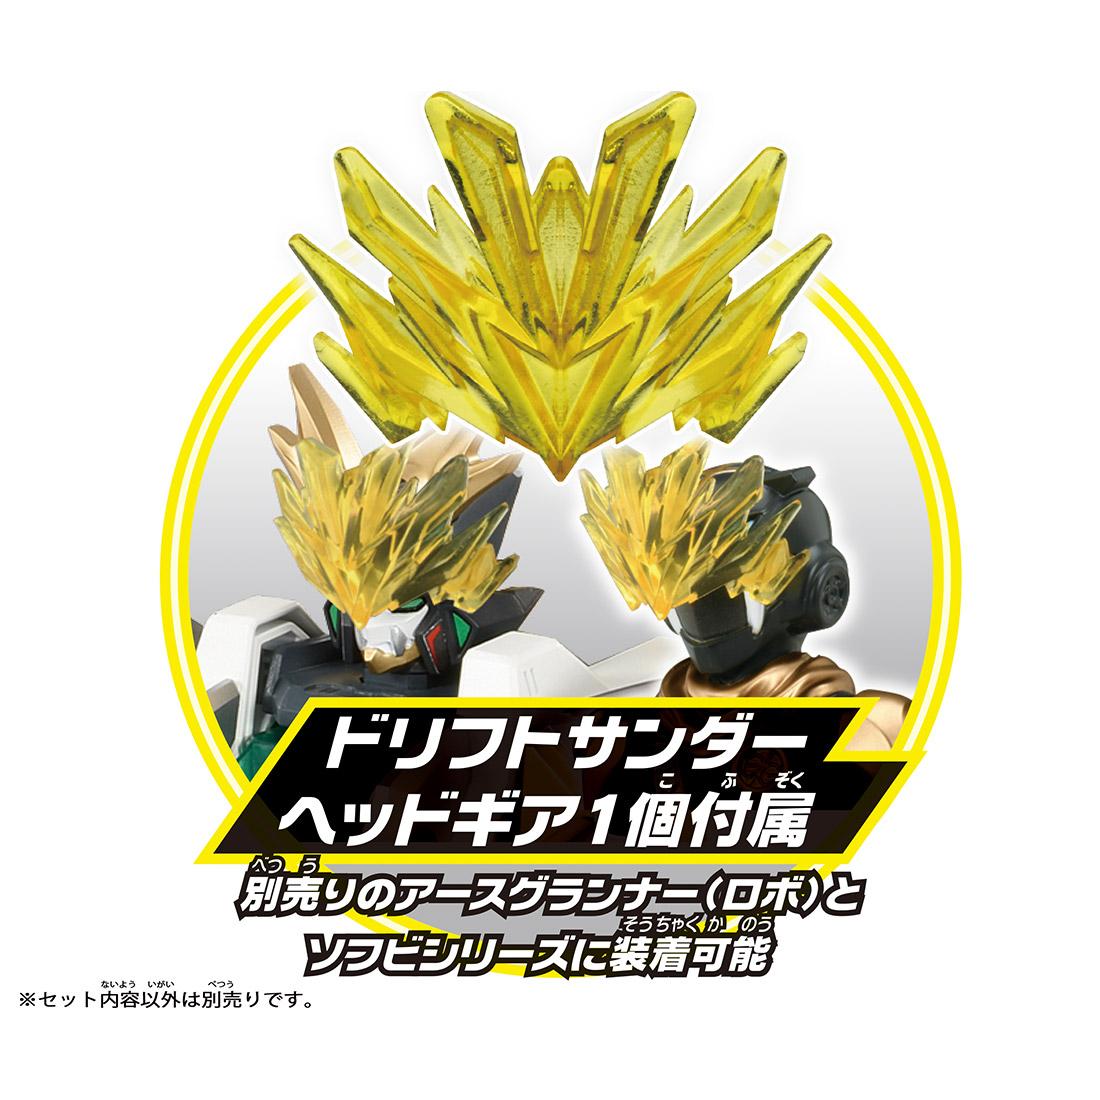 トミカ絆合体 アースグランナー『EG03 アースグランナーサーベルパンサー』可変合体フィギュア-013